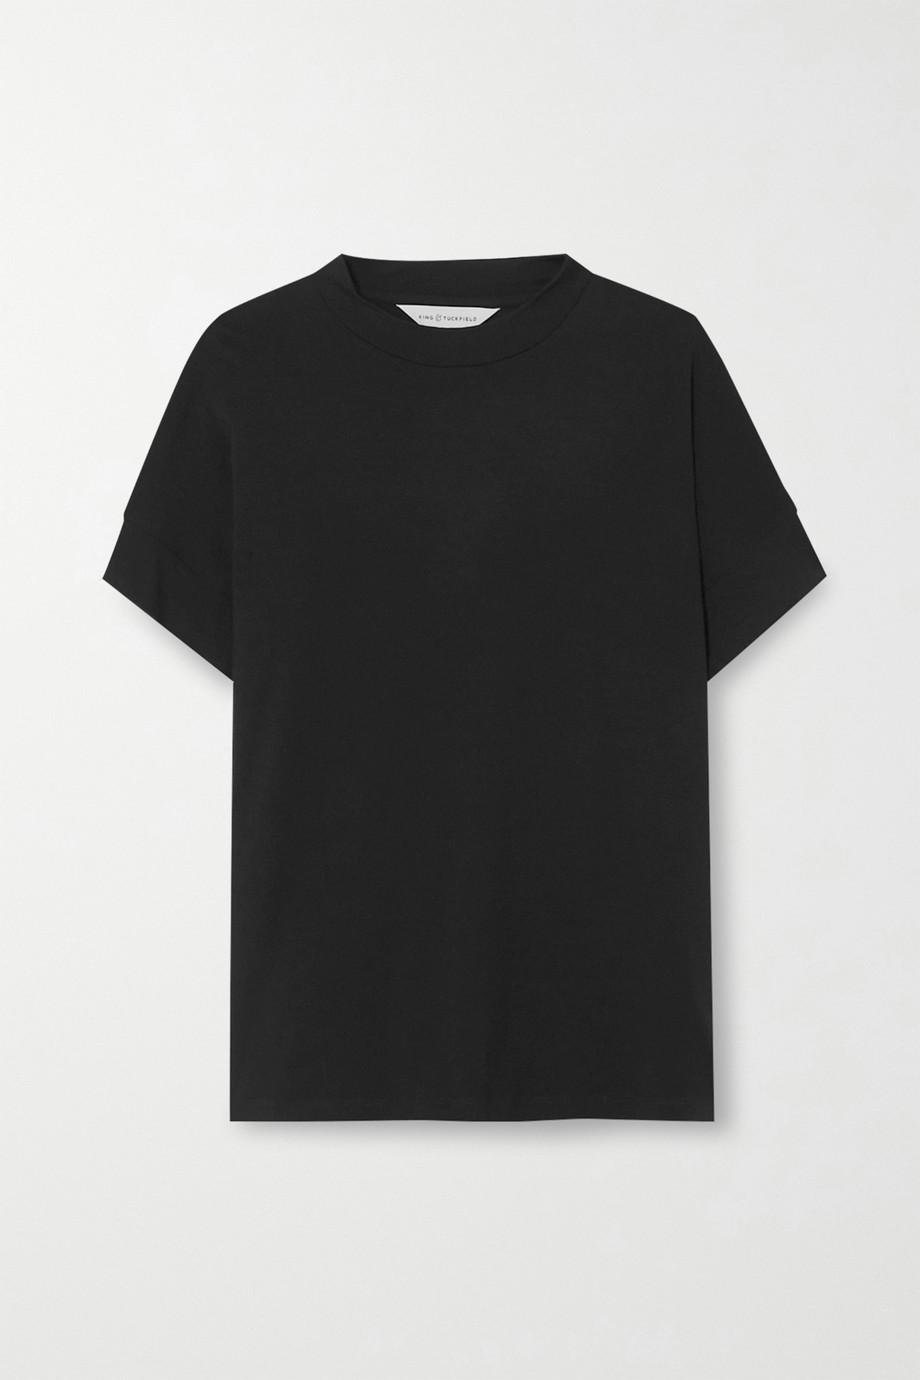 King & Tuckfield Merino wool T-shirt